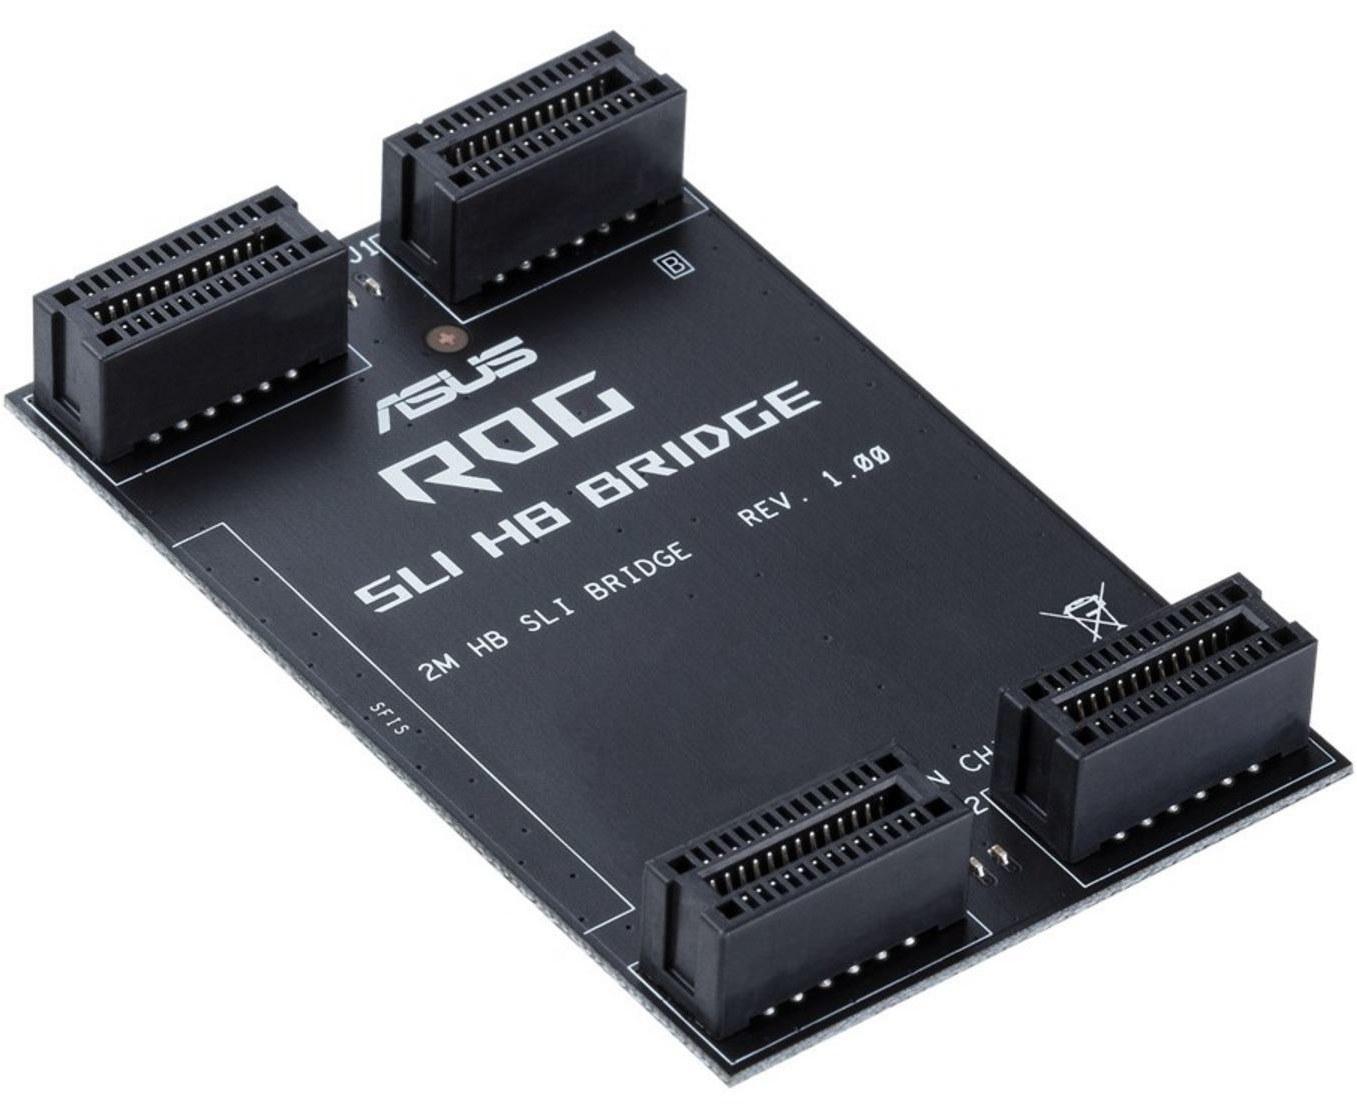 تصویر خرید پل SLI مدل ASUS HB Bridge برای گرافیک Nvidia